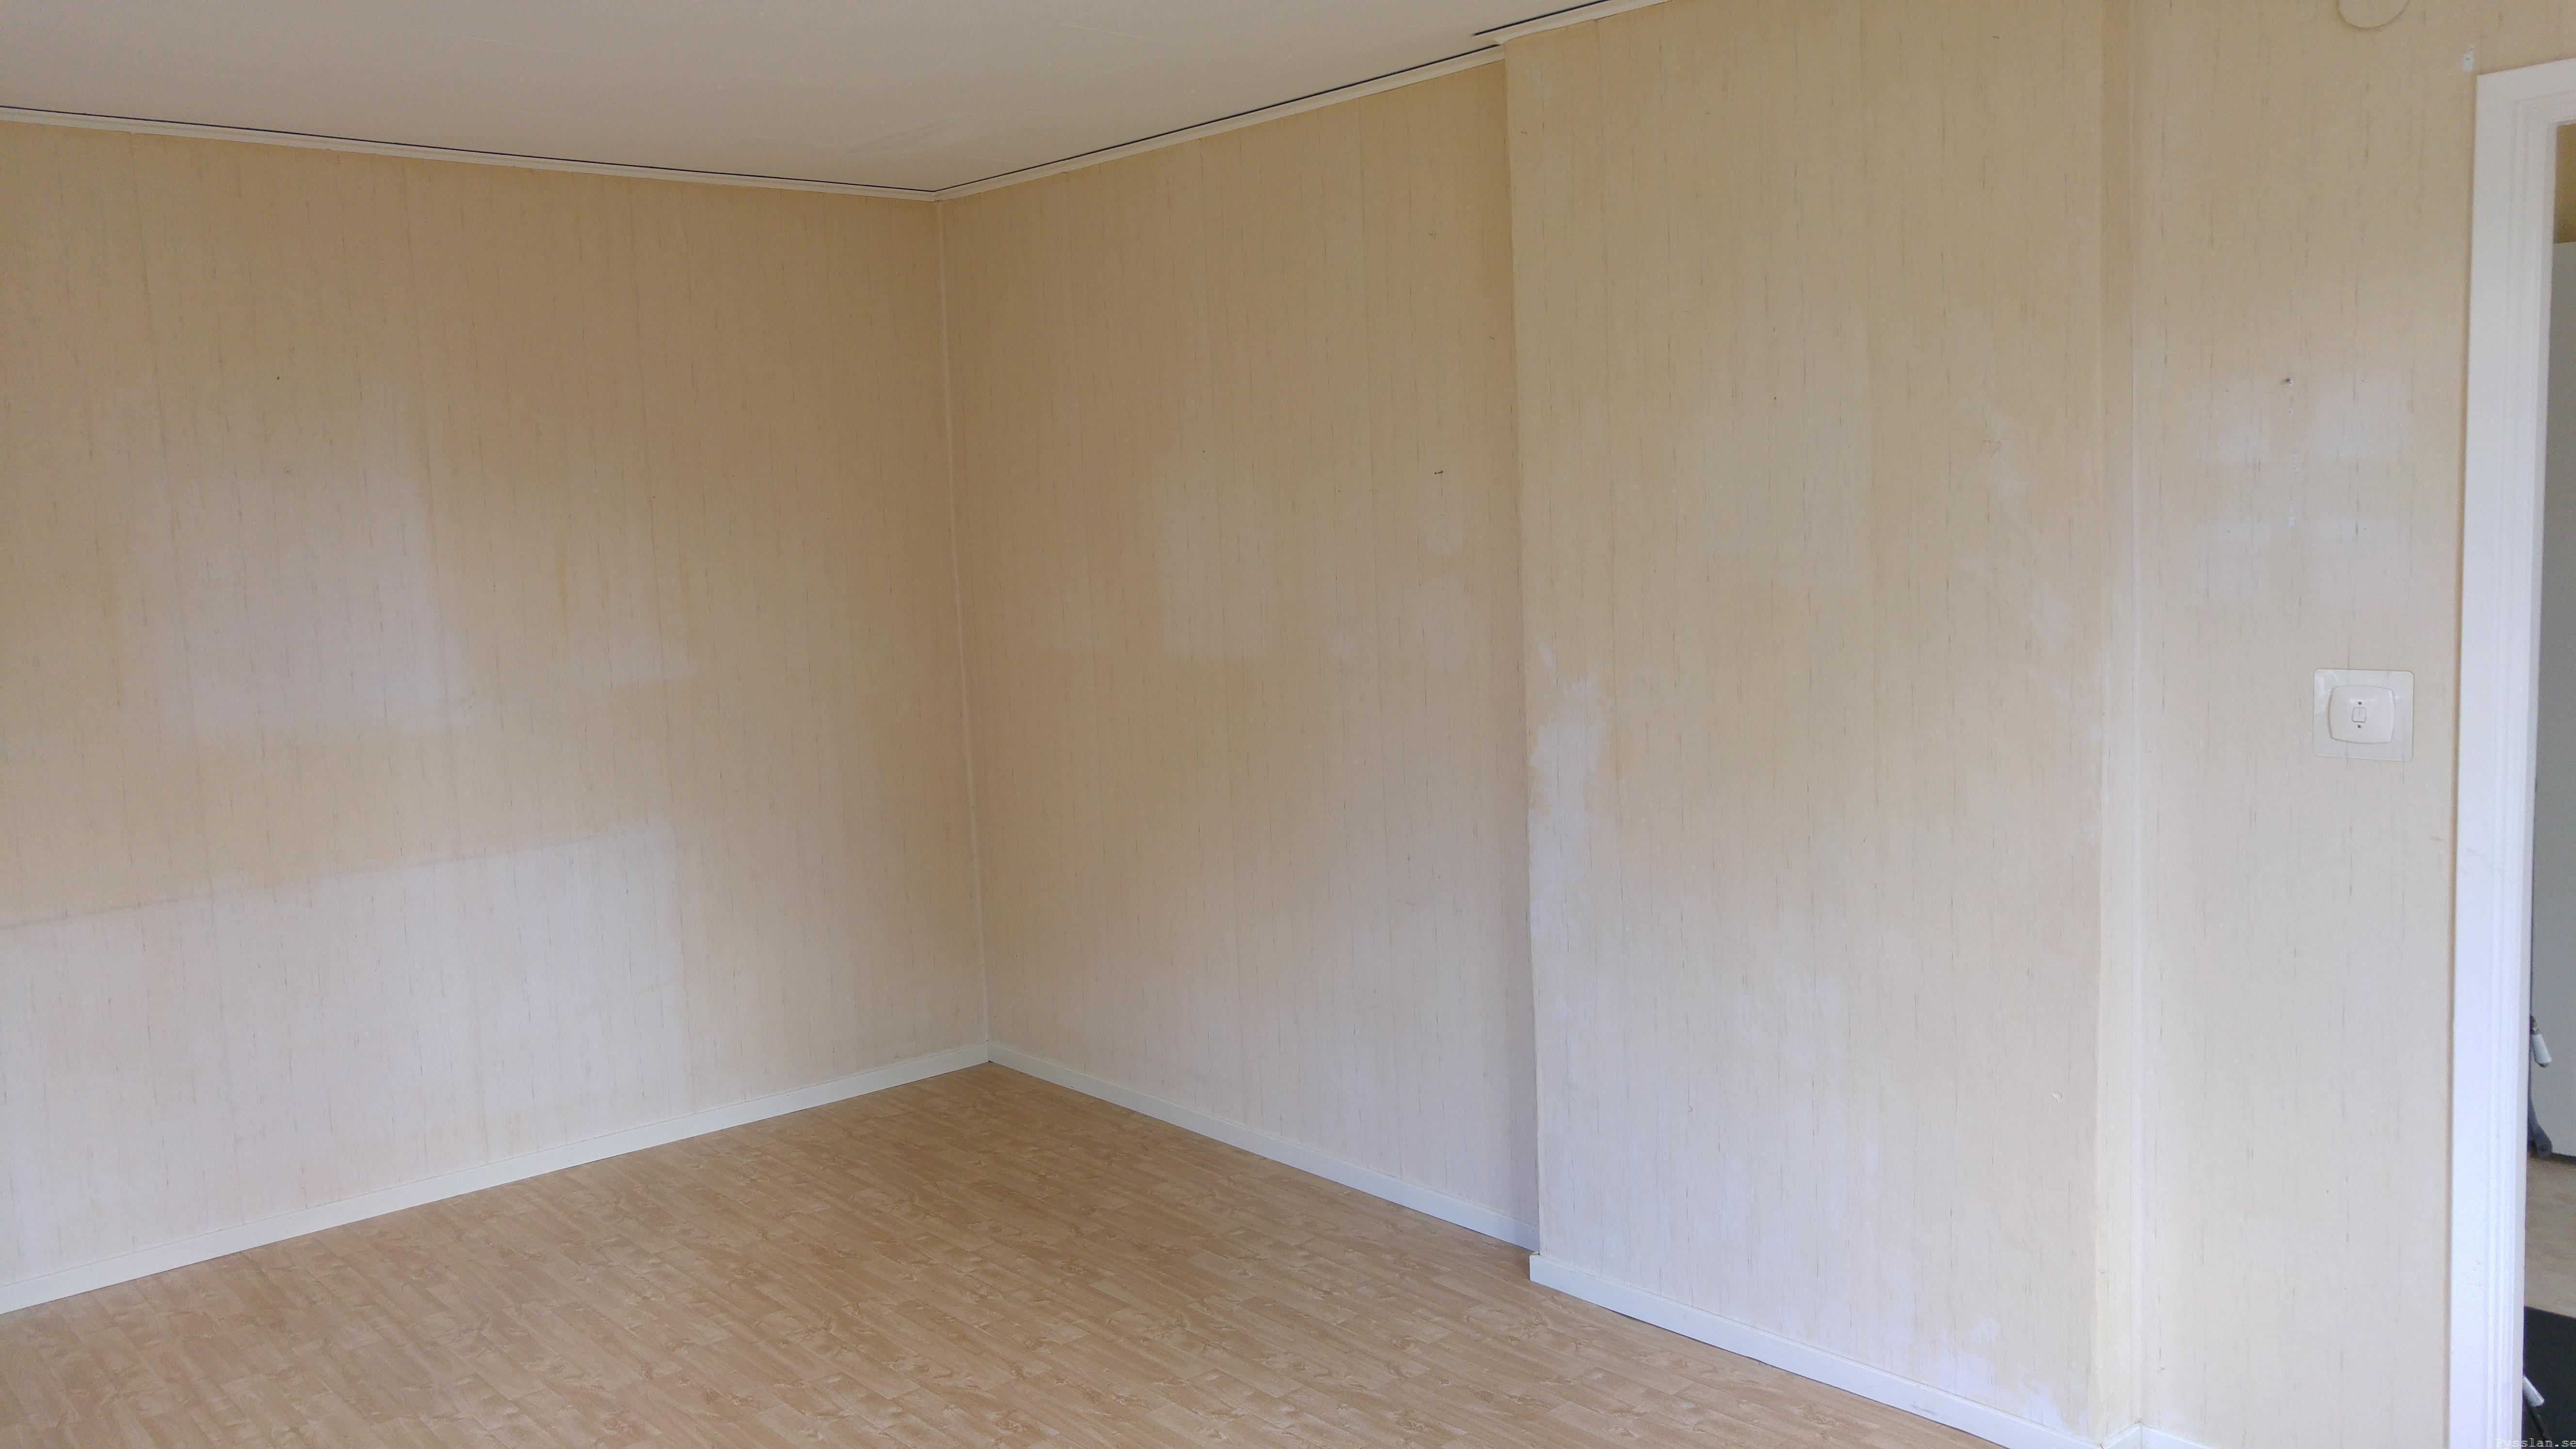 drömhus 20-talshus rött hus vita knutar renovering jugend husdröm pysslan blogg vardagsrum murstock